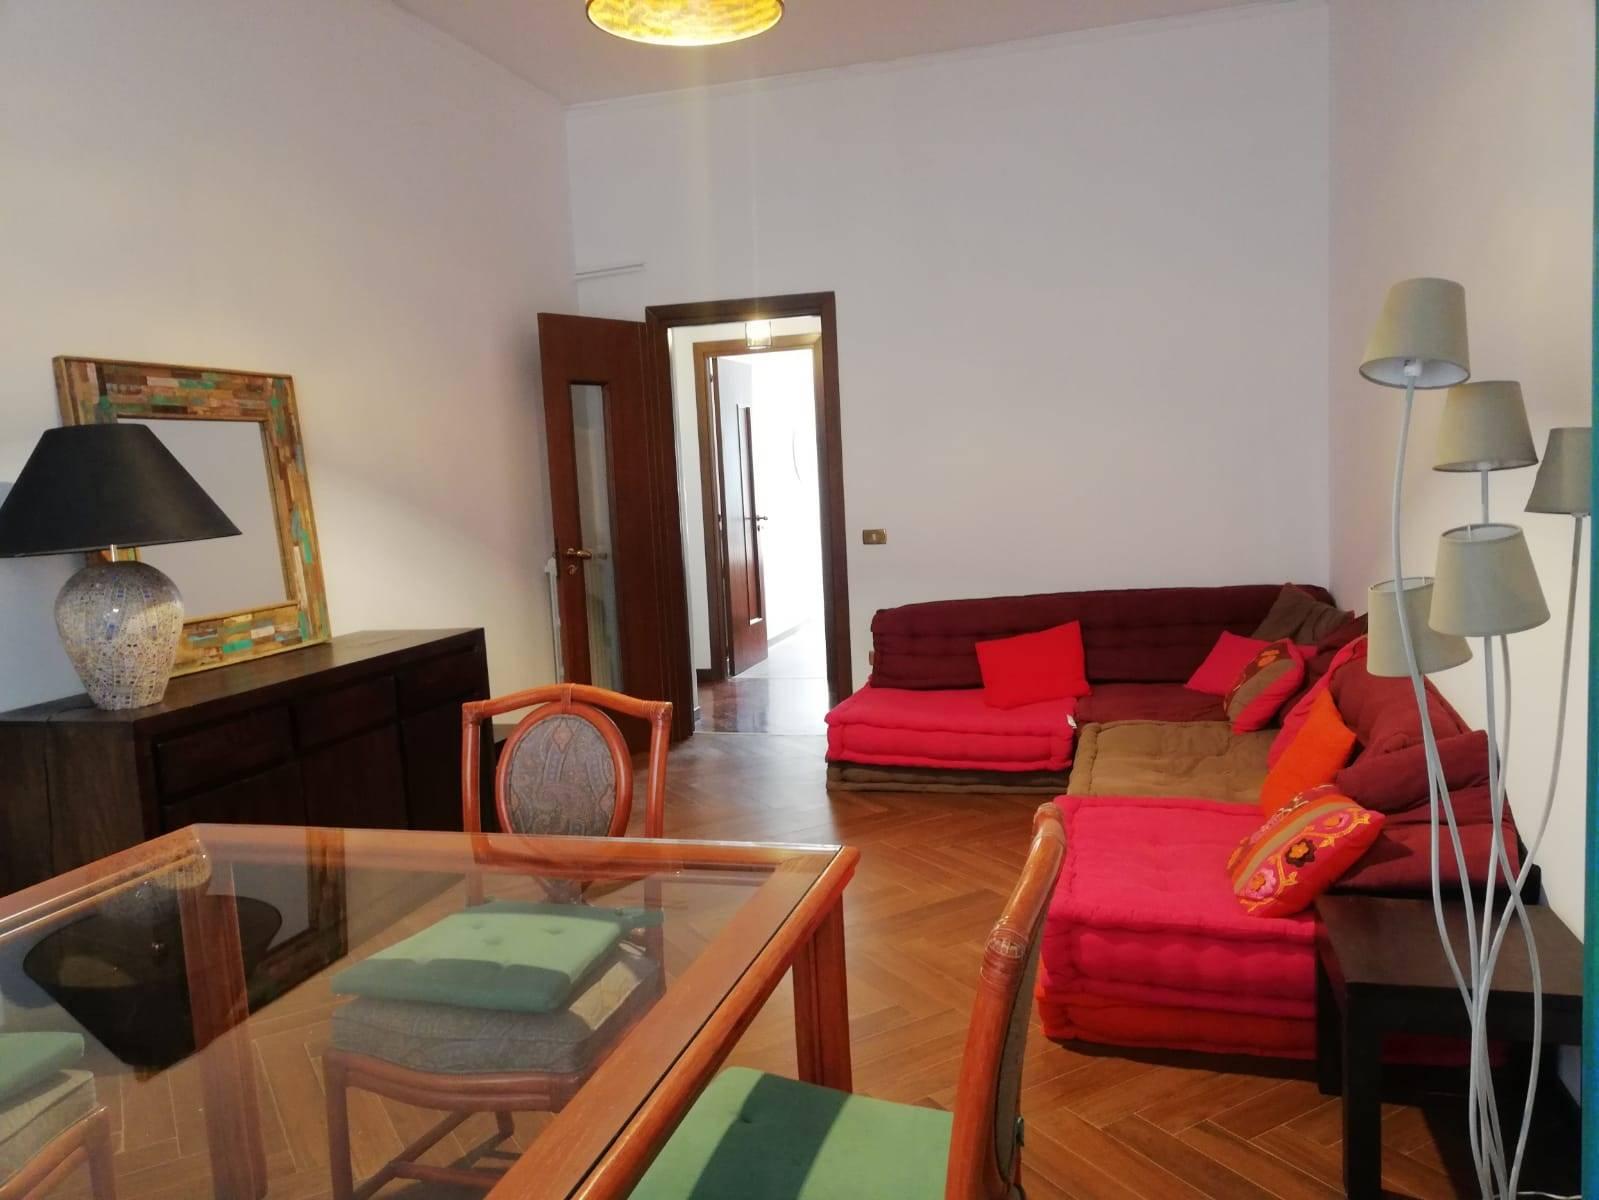 Appartamento in affitto a Salerno, 2 locali, zona Zona: Torrione, prezzo € 750   CambioCasa.it